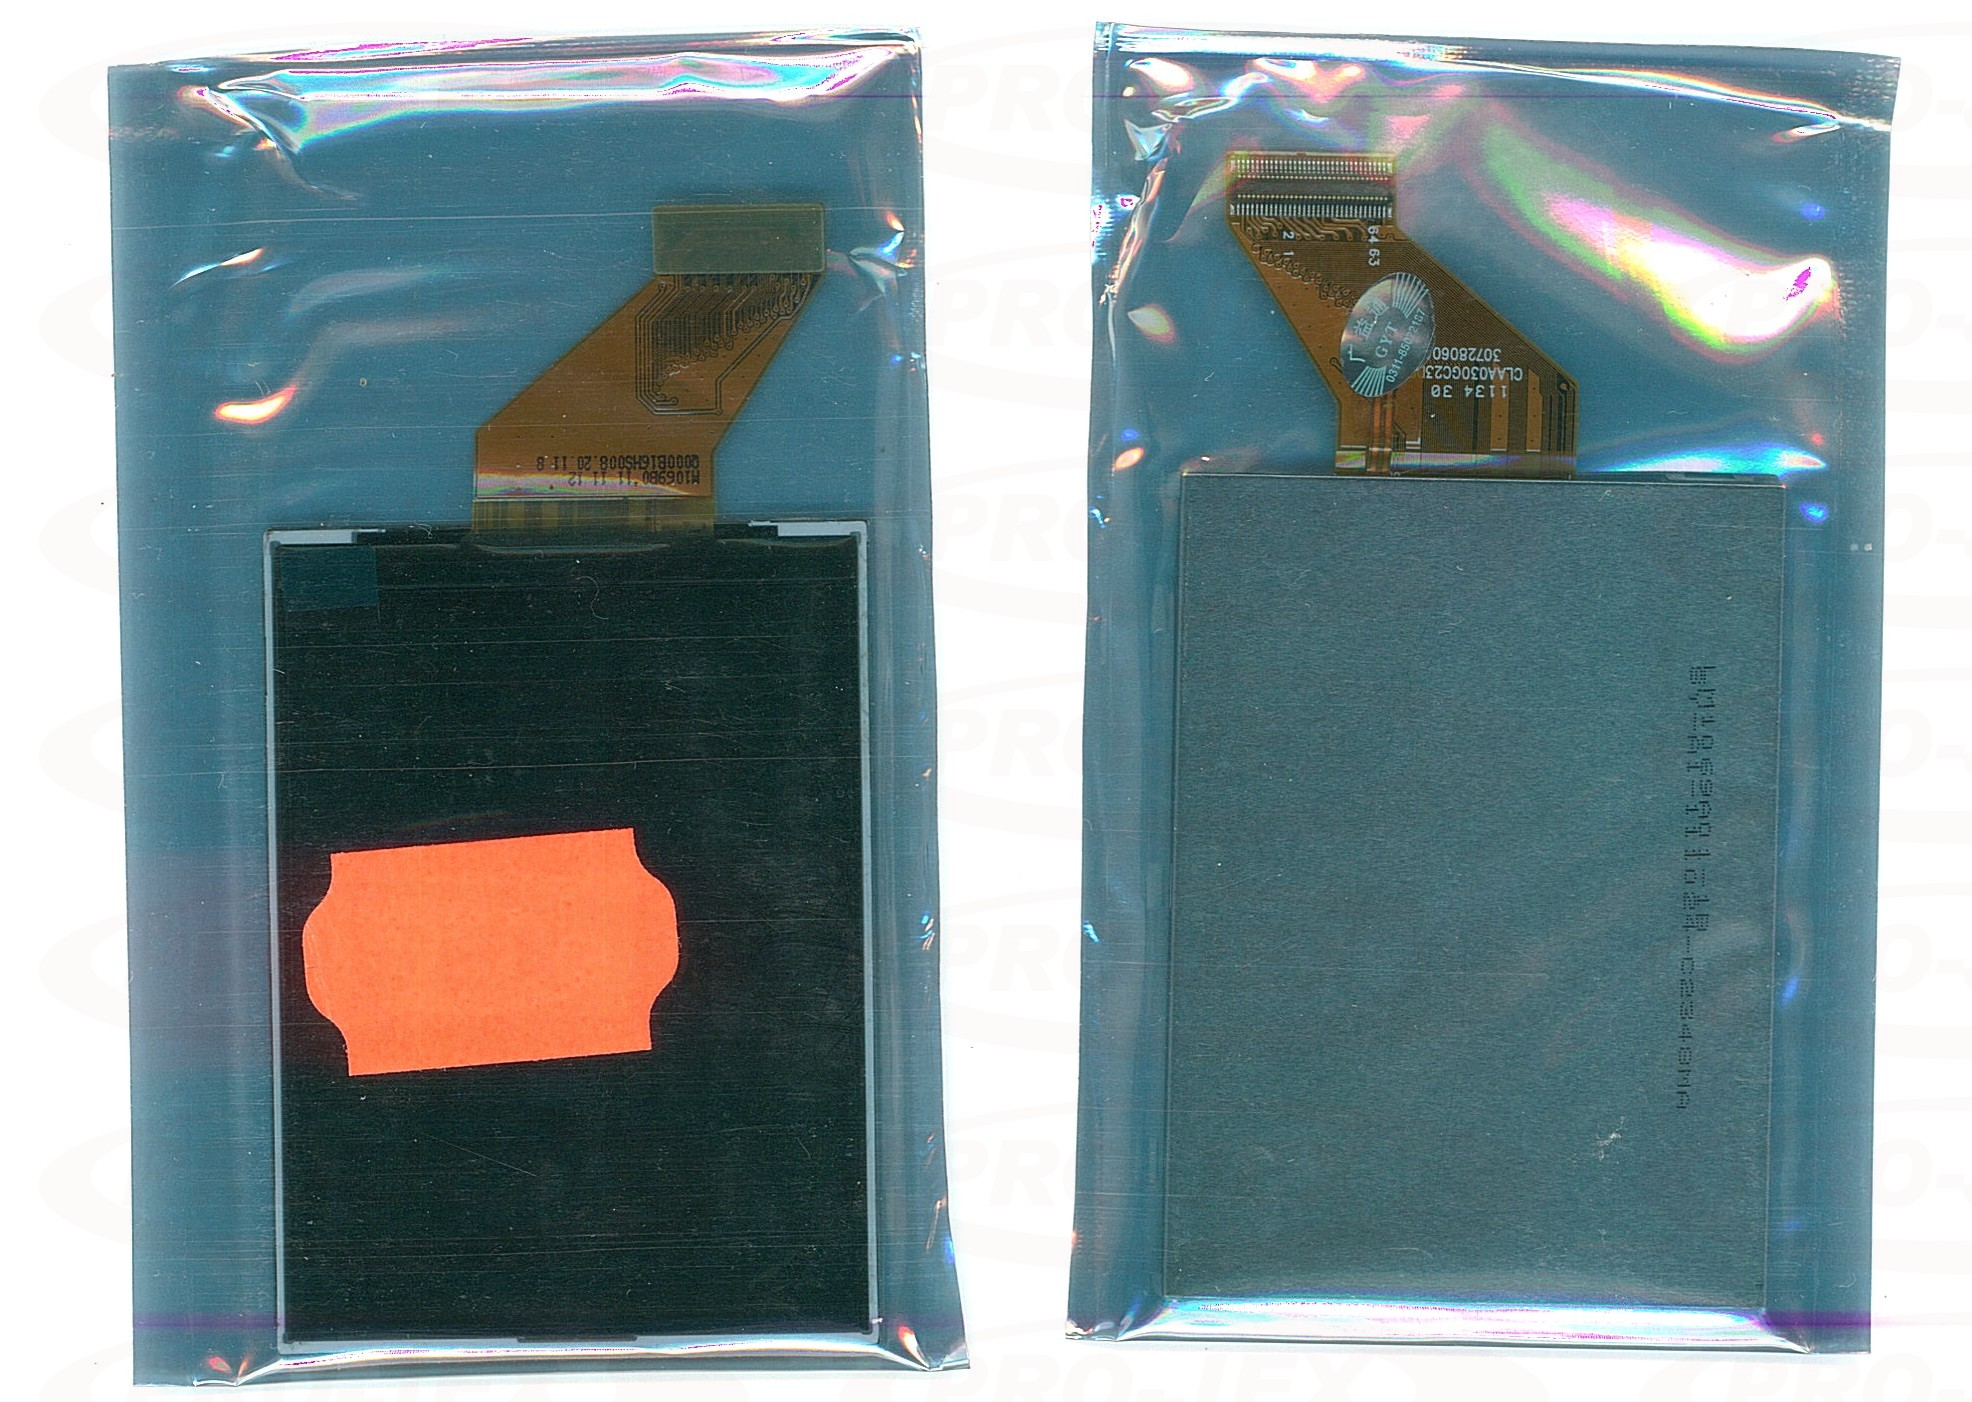 LCD SAMSUNG WB600 WB690 WB610 WB700 HZ30 HZ30W